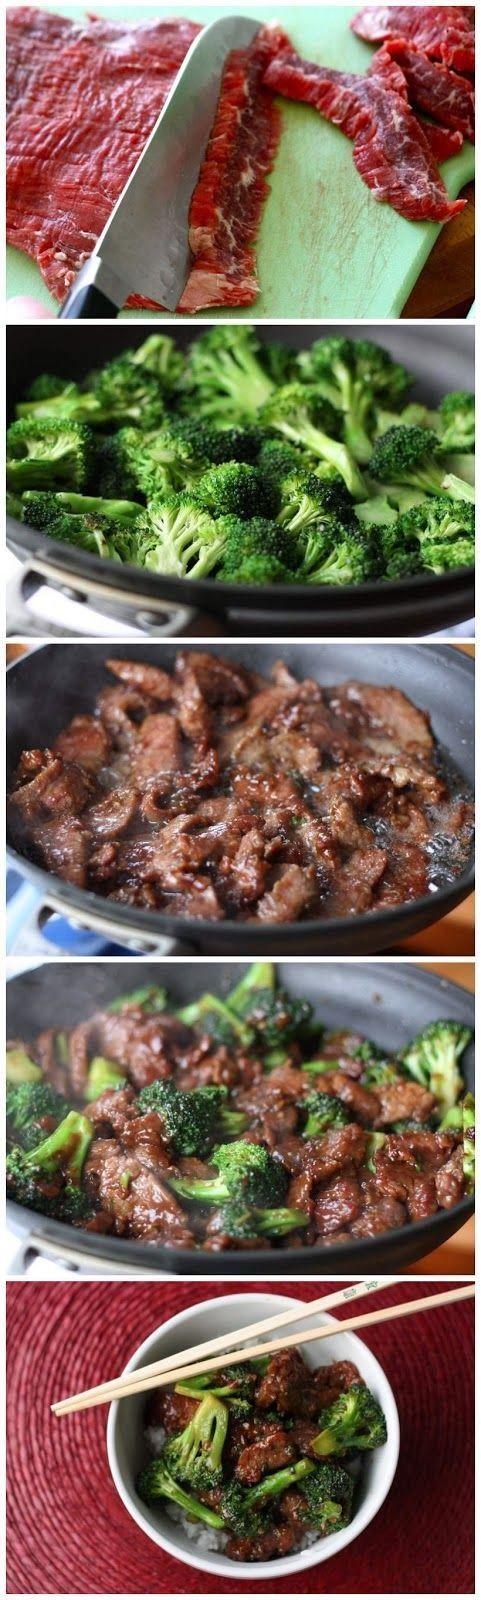 Strips of fried beef with broccoli Subido de Pinterest. http://www.isladelecturas.es/index.php/noticias/libros/835-las-aventuras-de-indiana-juana-de-jaime-fuster